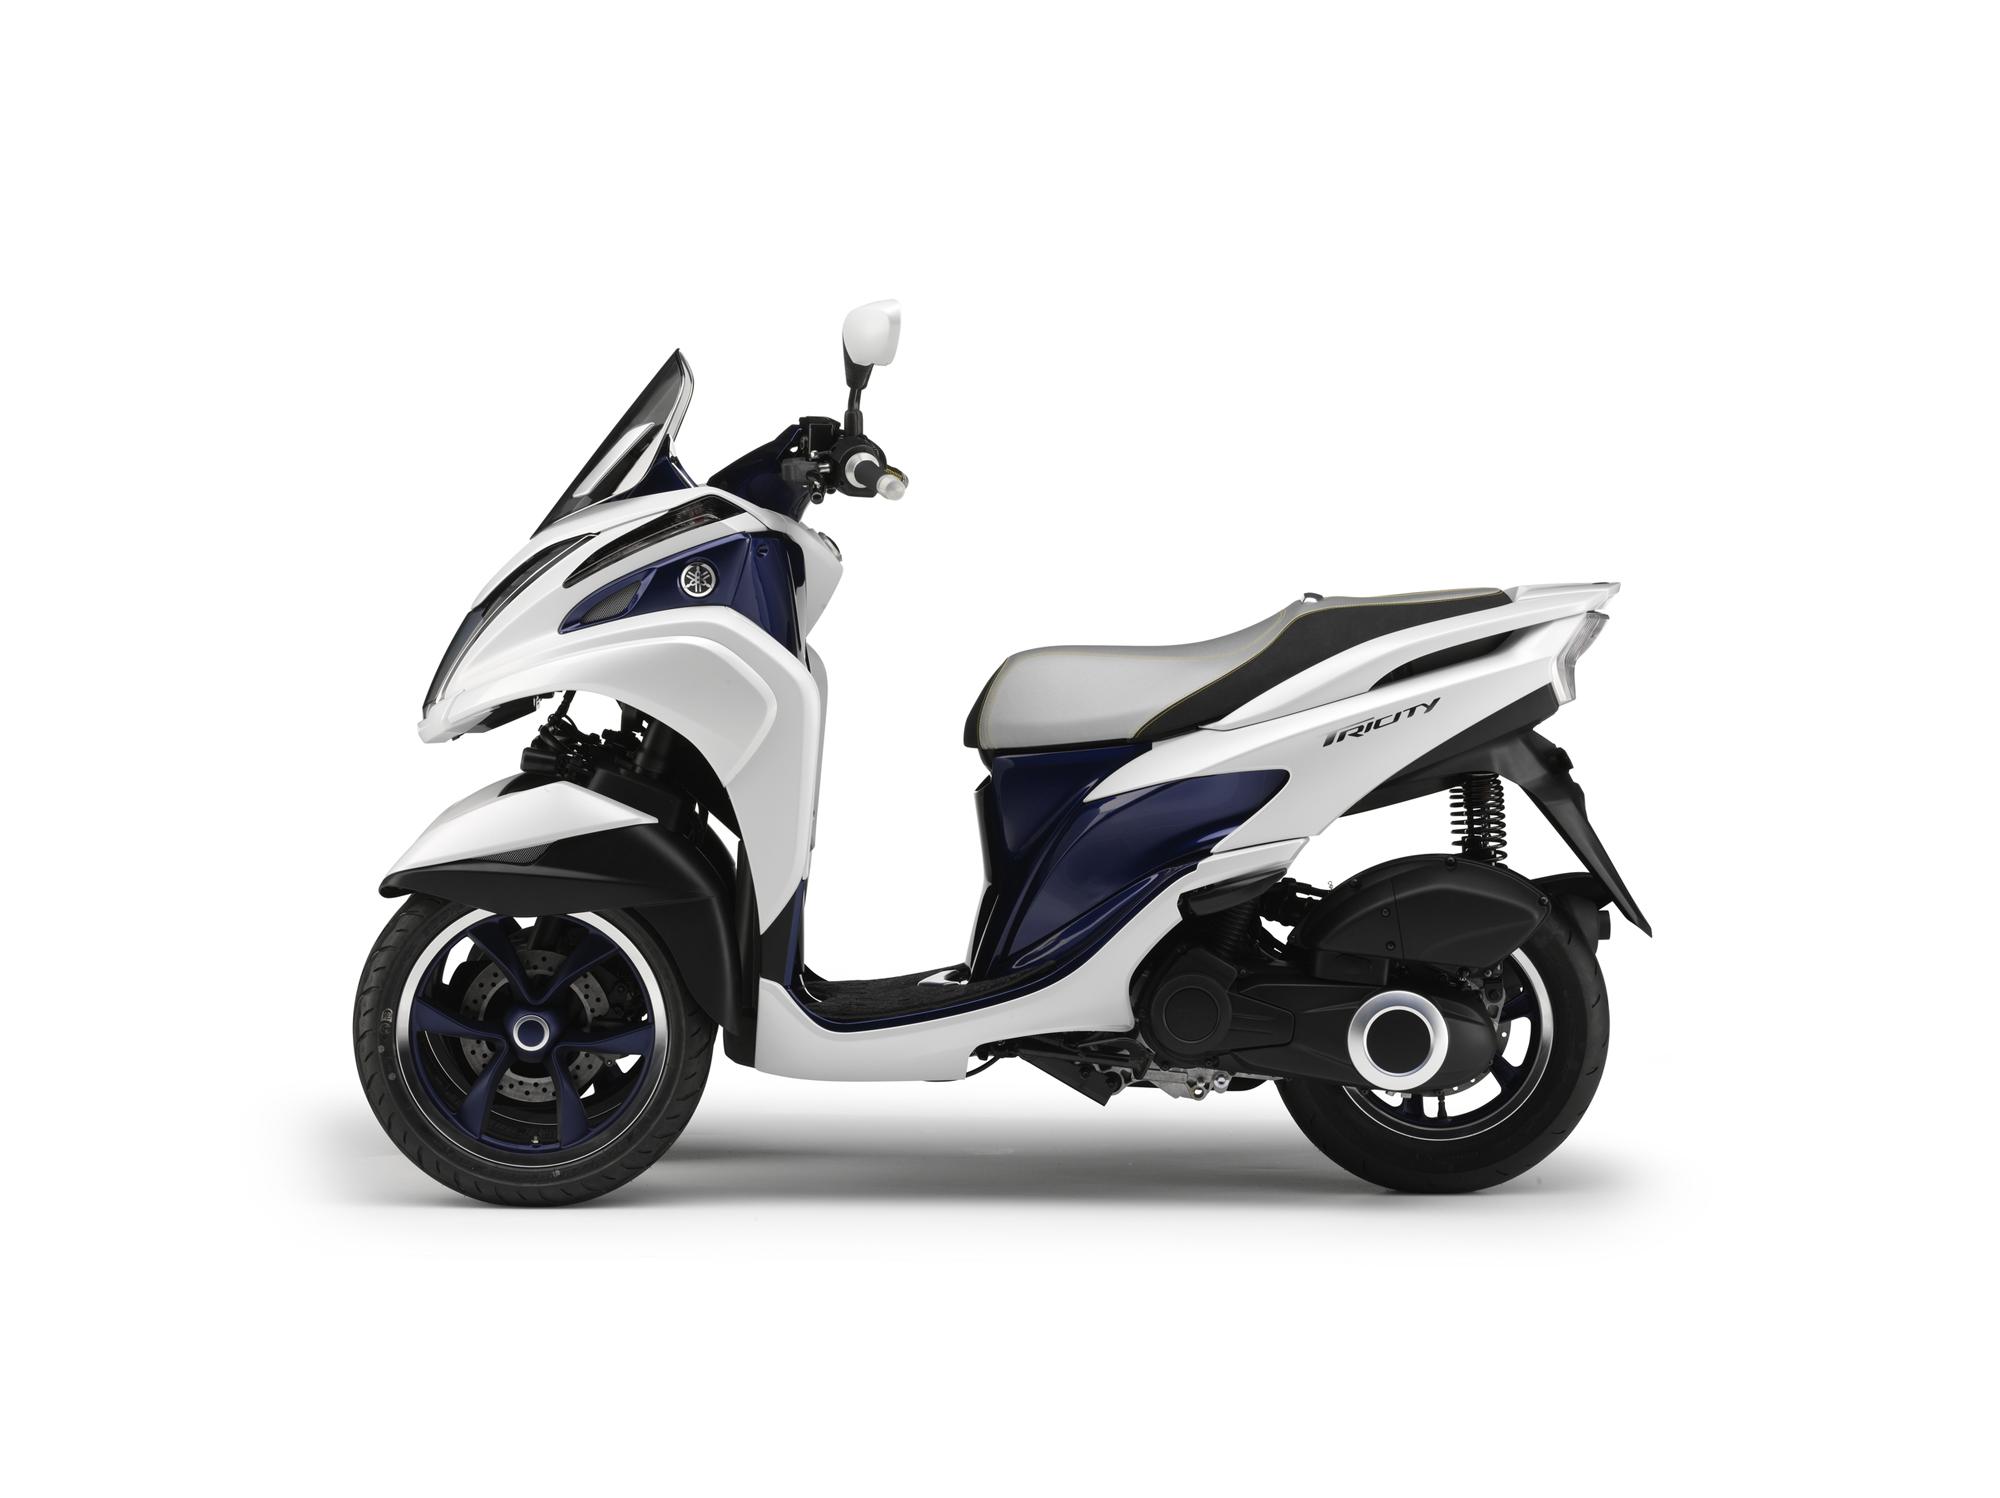 tricity le nouveau concept 3 roues de yamaha au salon auto moto de bruxelles sudmoto. Black Bedroom Furniture Sets. Home Design Ideas